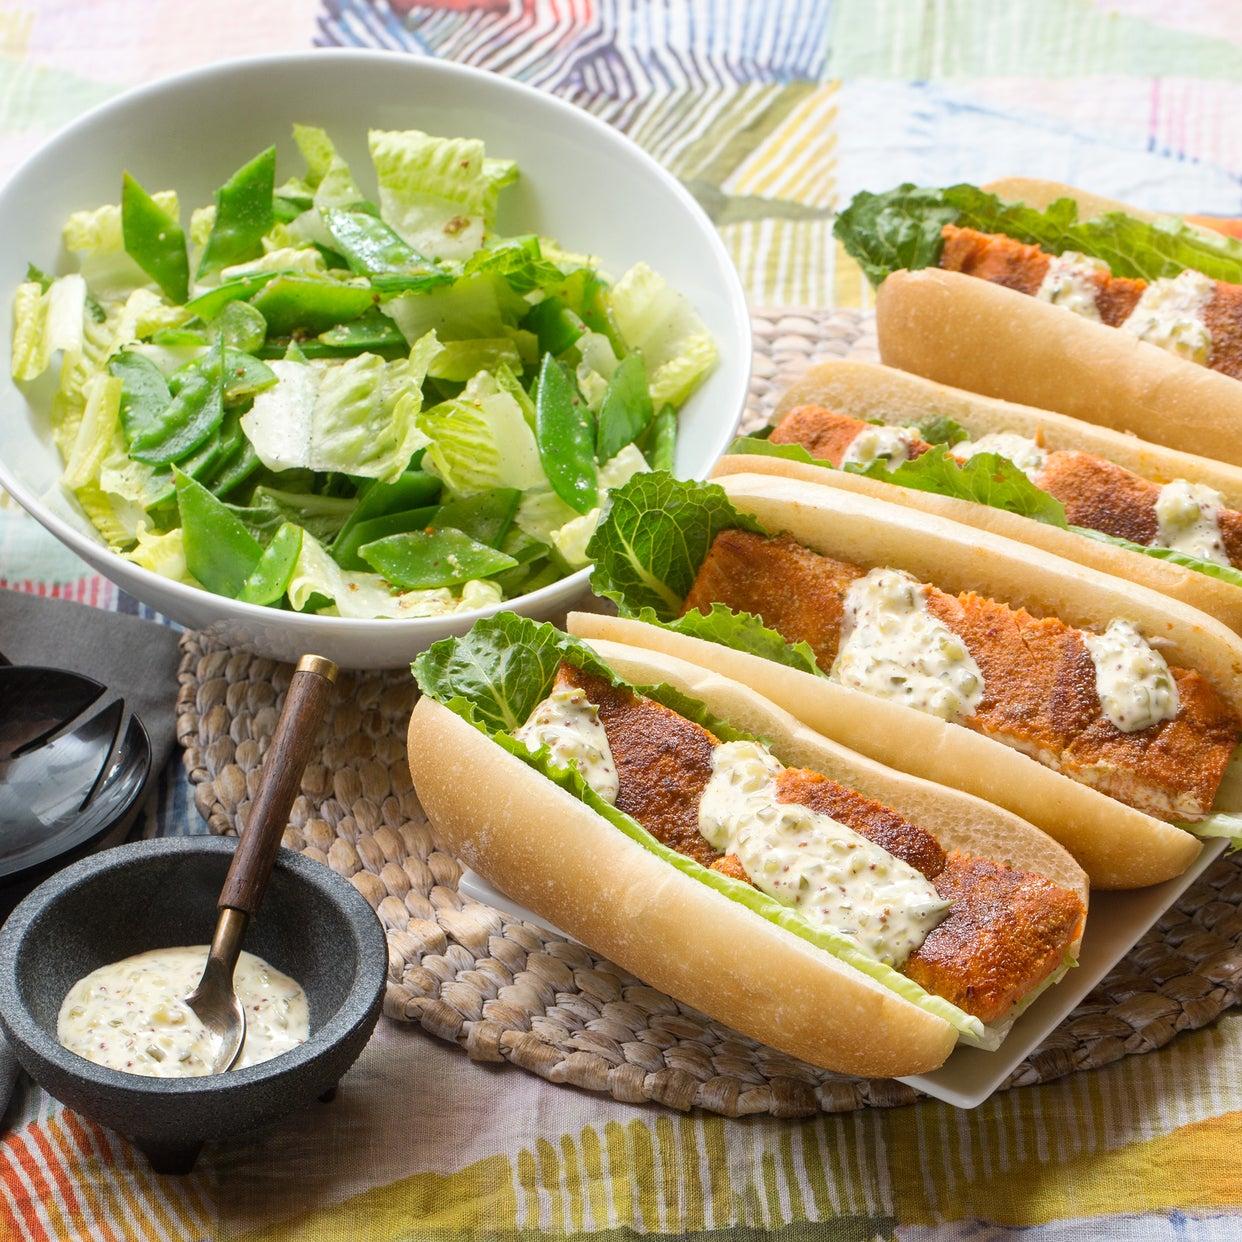 Spiced Salmon Po' Boy Sandwiches with Rémoulade Sauce & Romaine-Snow Pea Salad